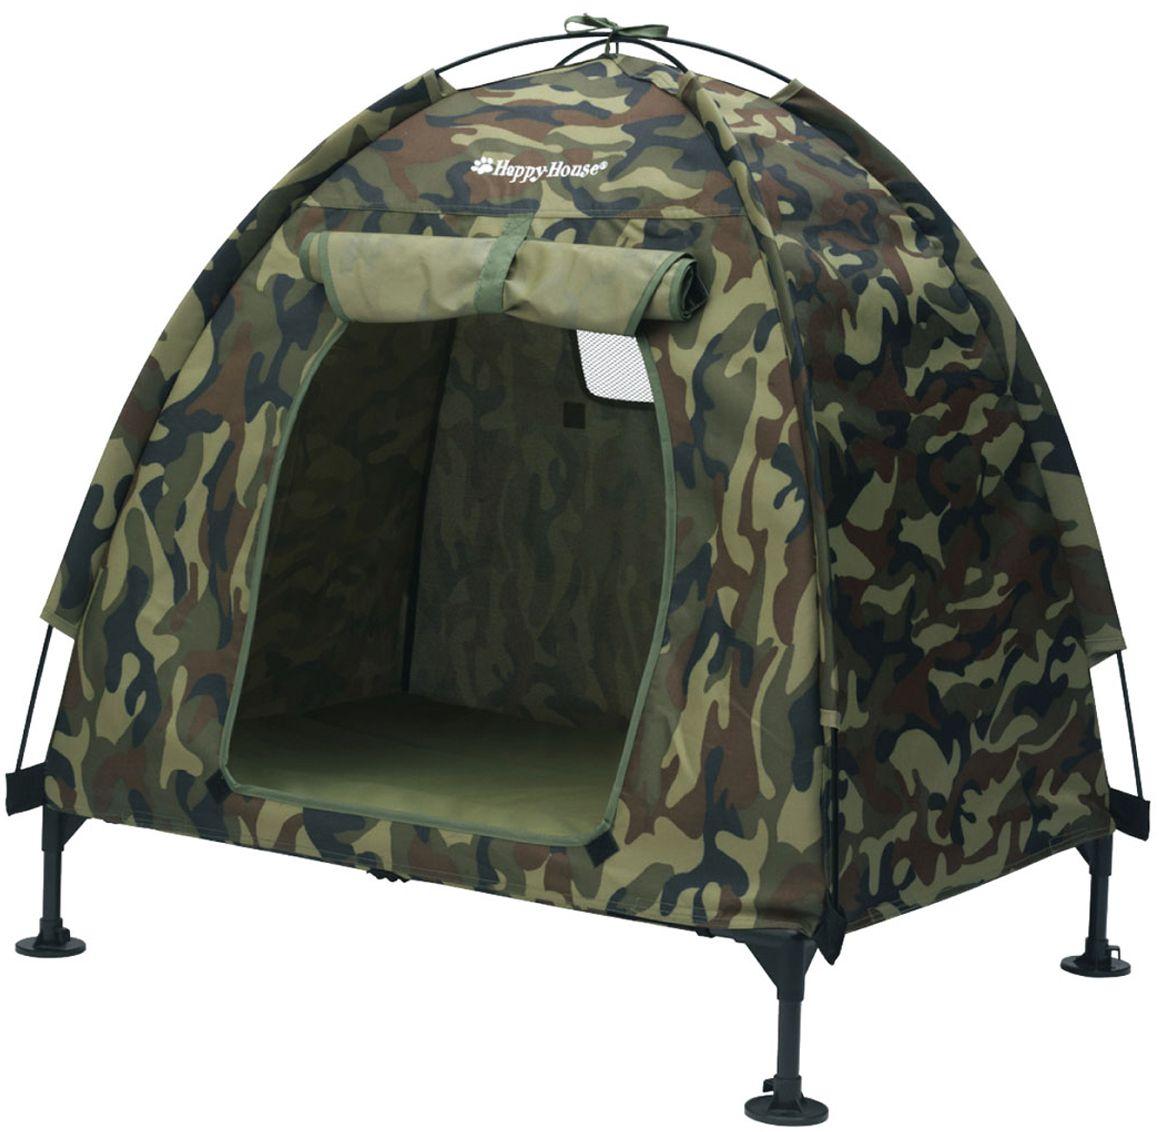 Палатка для собак Happy House Outdoor, цвет: камуфляж, 78 х 55 х 81 см0120710Палатка для собак Happy House Outdoor - незаменимая вещь для вашего питомца. Палатка выполняет роль мобильного убежища, где животное будет себя чувствовать комфортно и в безопасности. В палатке он может спать, играть и прятаться.Палатка выполнена из плотной ткани.Она оснащена вентиляционным окном и входом, который закрывается на сверхпрочную застежку-молнию. Палатка легко и быстро сворачивается и не занимает много места при хранении. Палатку можно установить в любом удобном месте. Она позволит вам контролировать действия вашего домашнего животного и приучить его к чистоплотности. Также палатку можно использовать на выставках и для транспортировки животного.Максимальный вес животного: 50 кг.